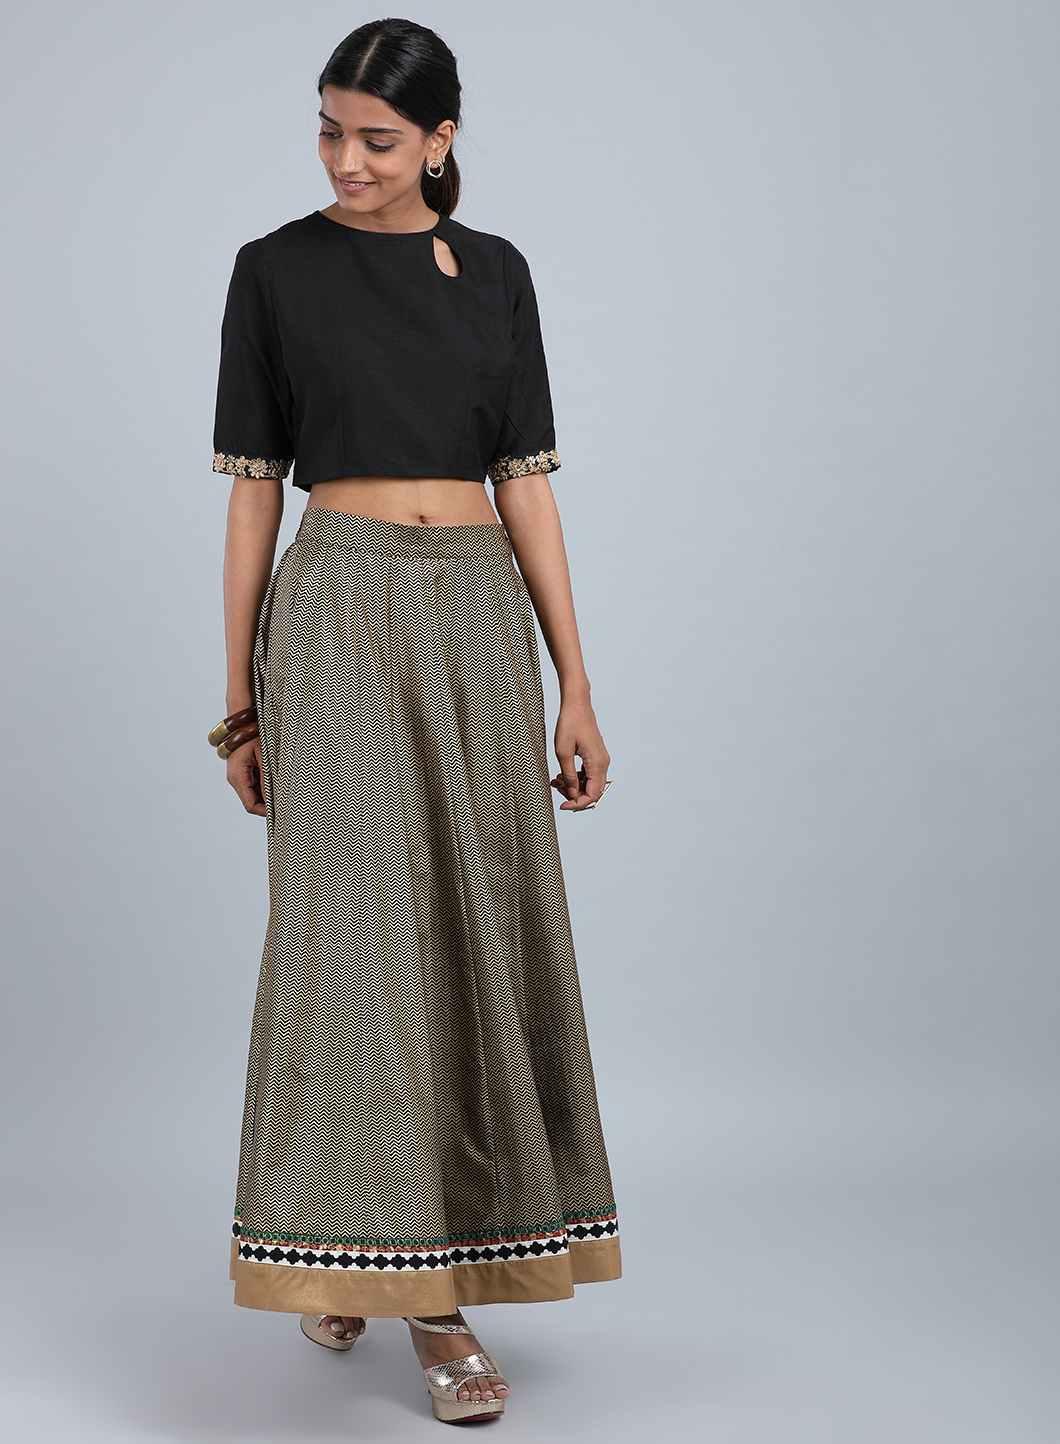 W   Wishful by W-Women Black Color Skirt